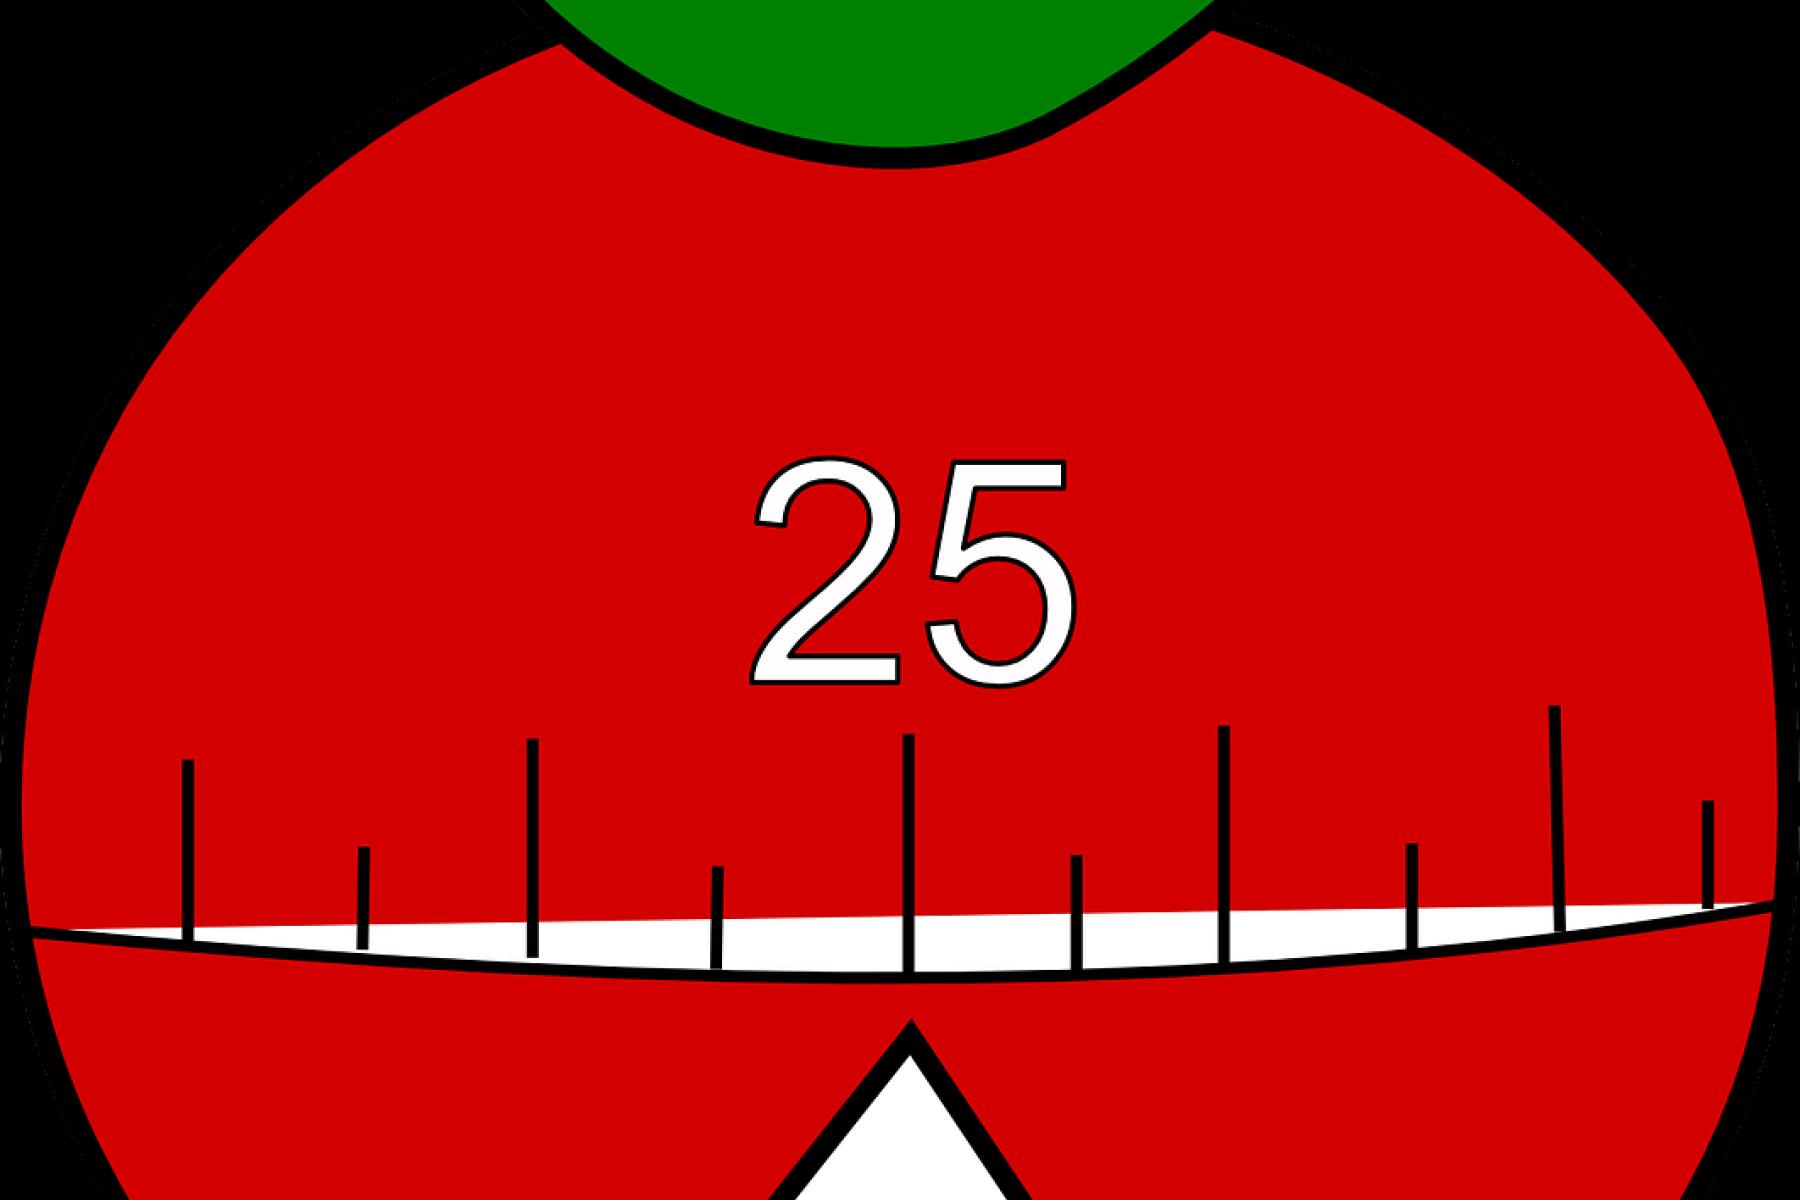 Eine Eieruhr in Form einer Tomate war der Ursprung der Pomodoro-Technik.